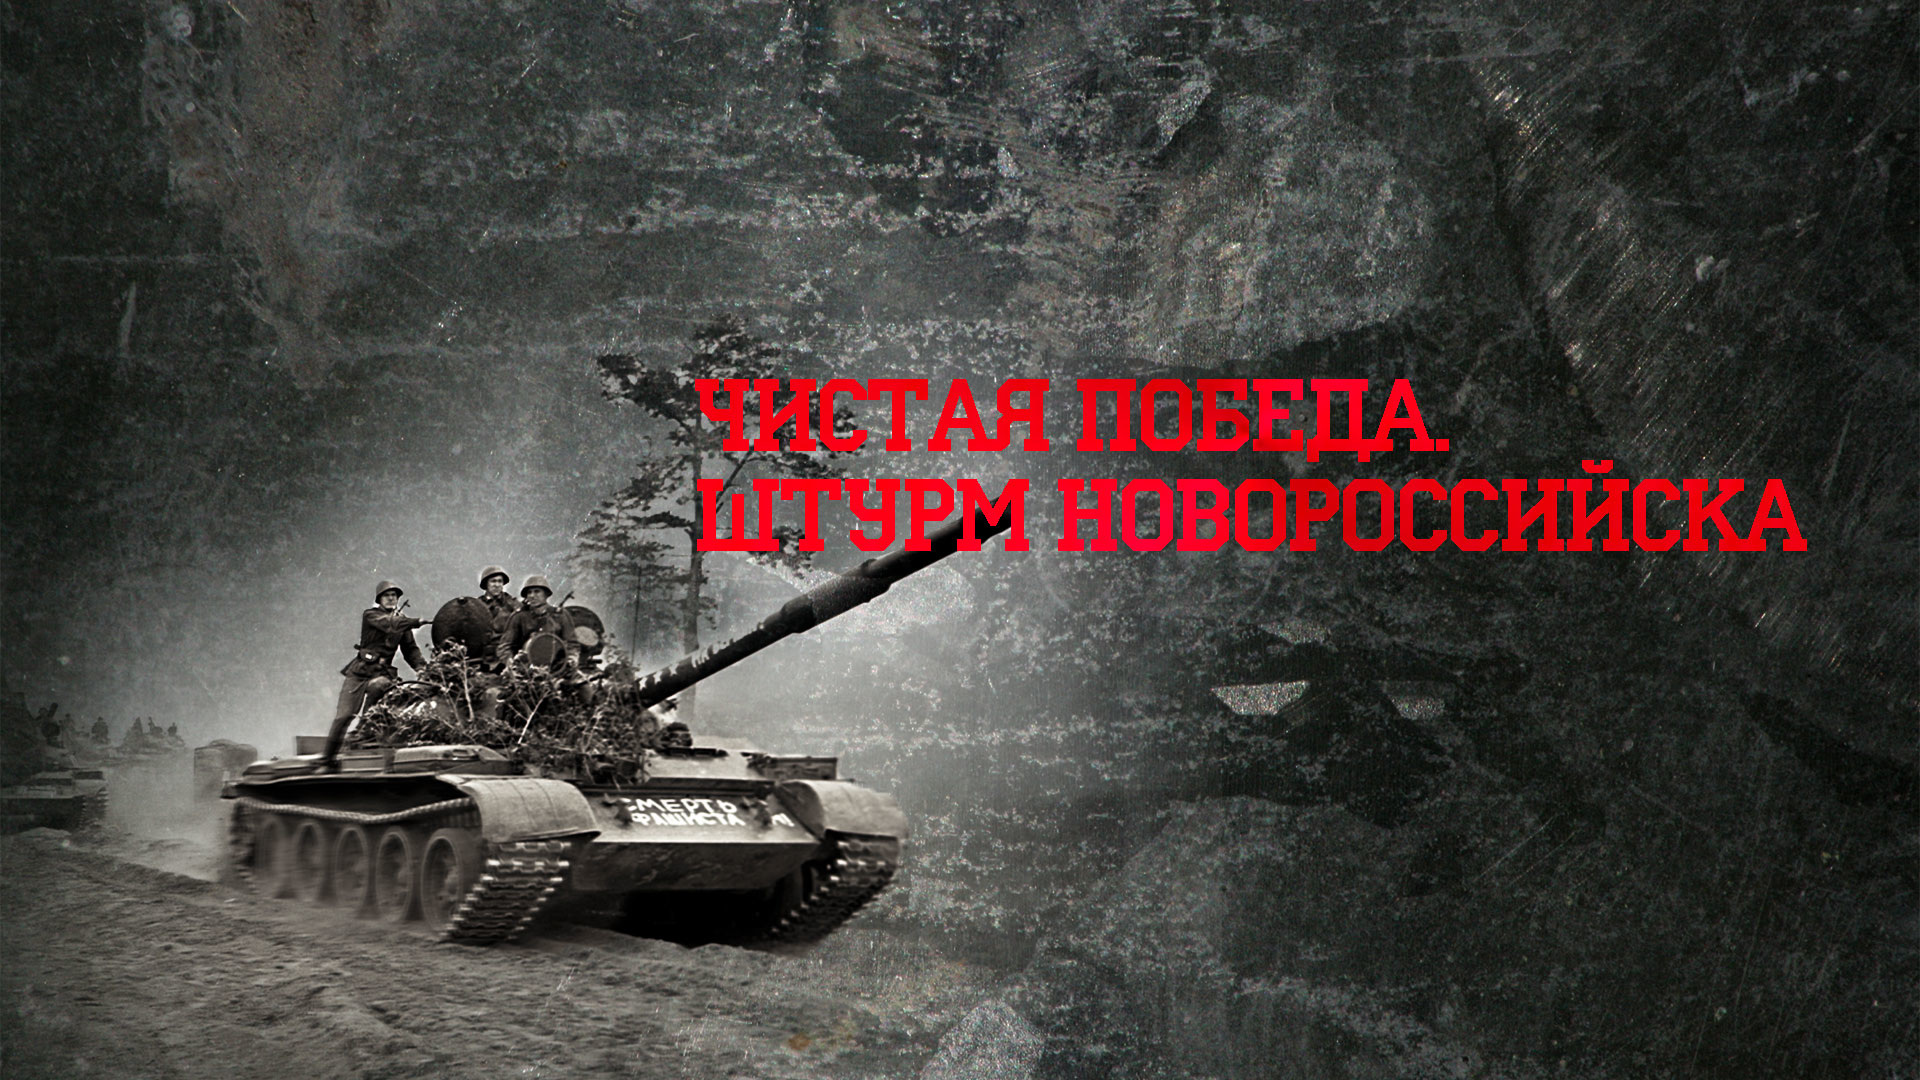 Чистая победа. Штурм Новороссийска